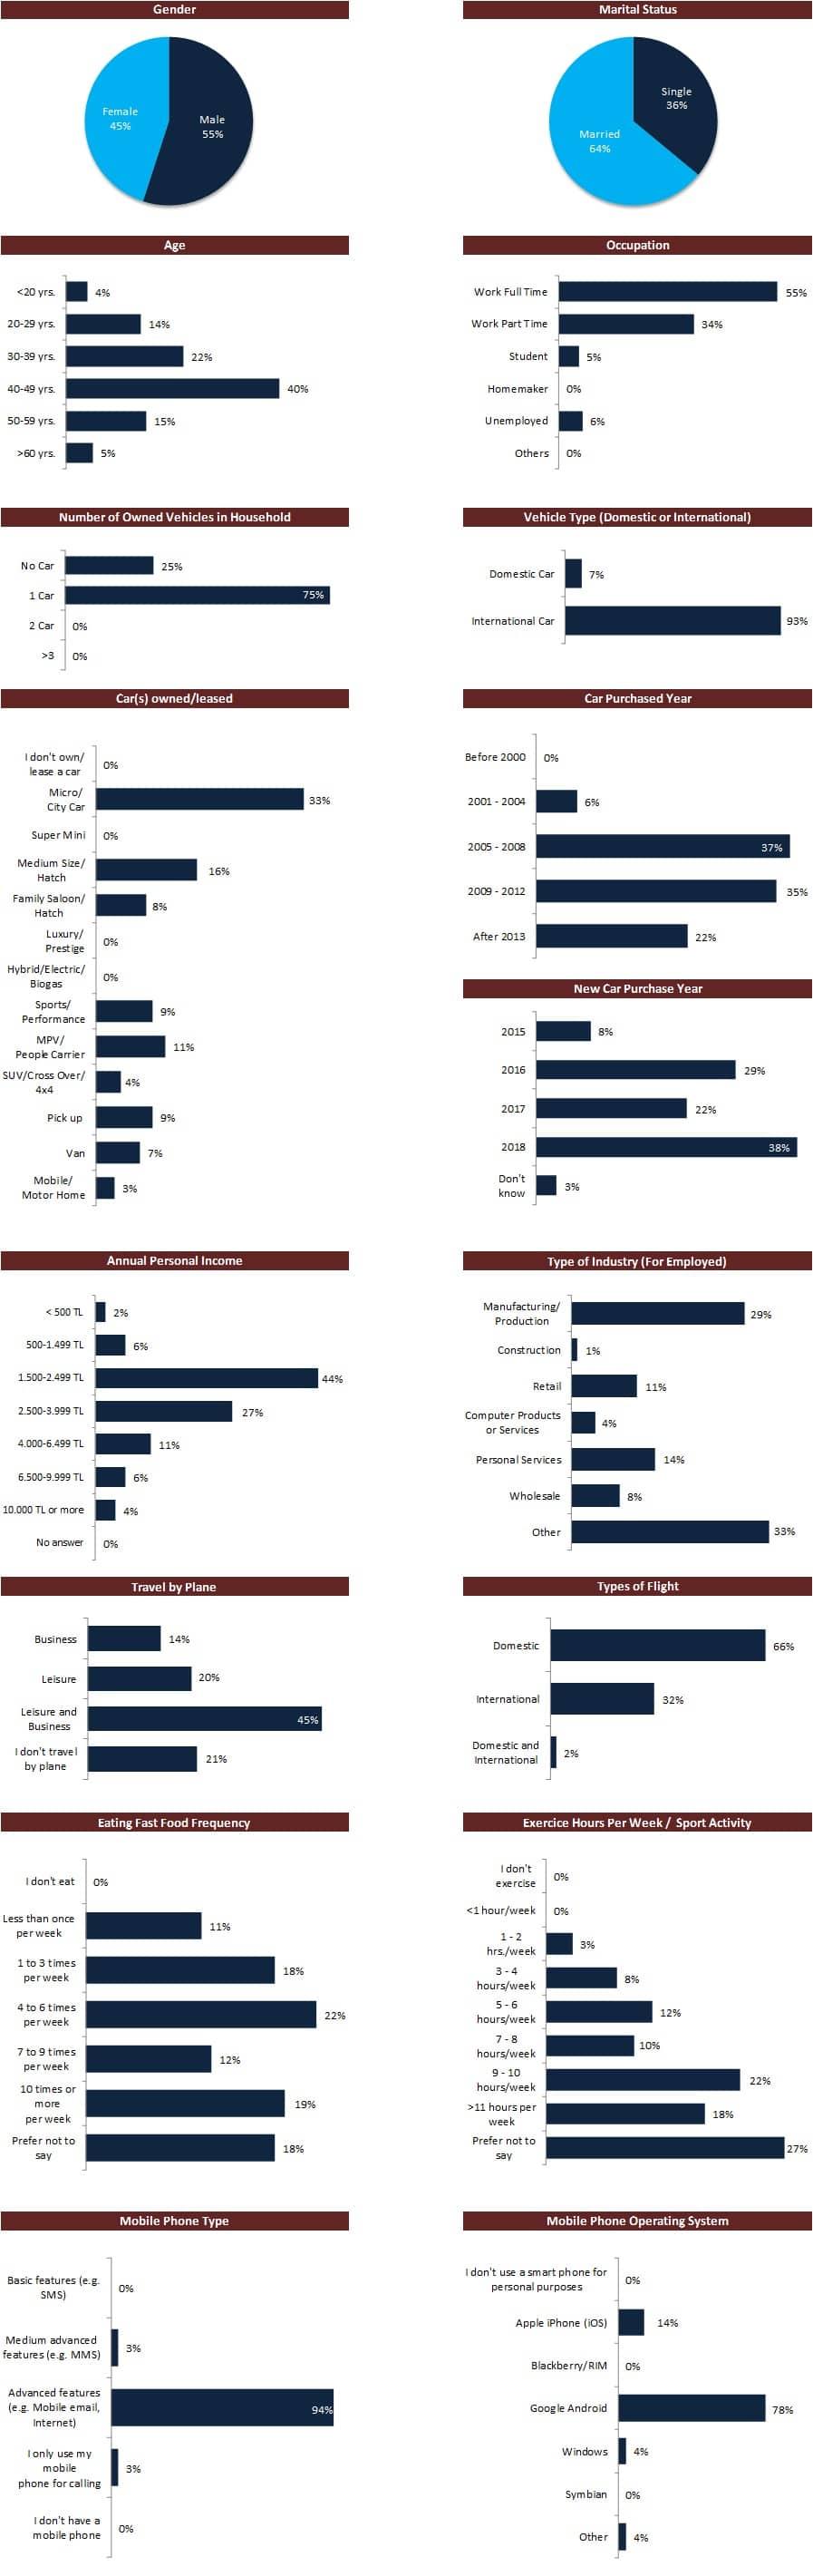 online market research company in turkey 1